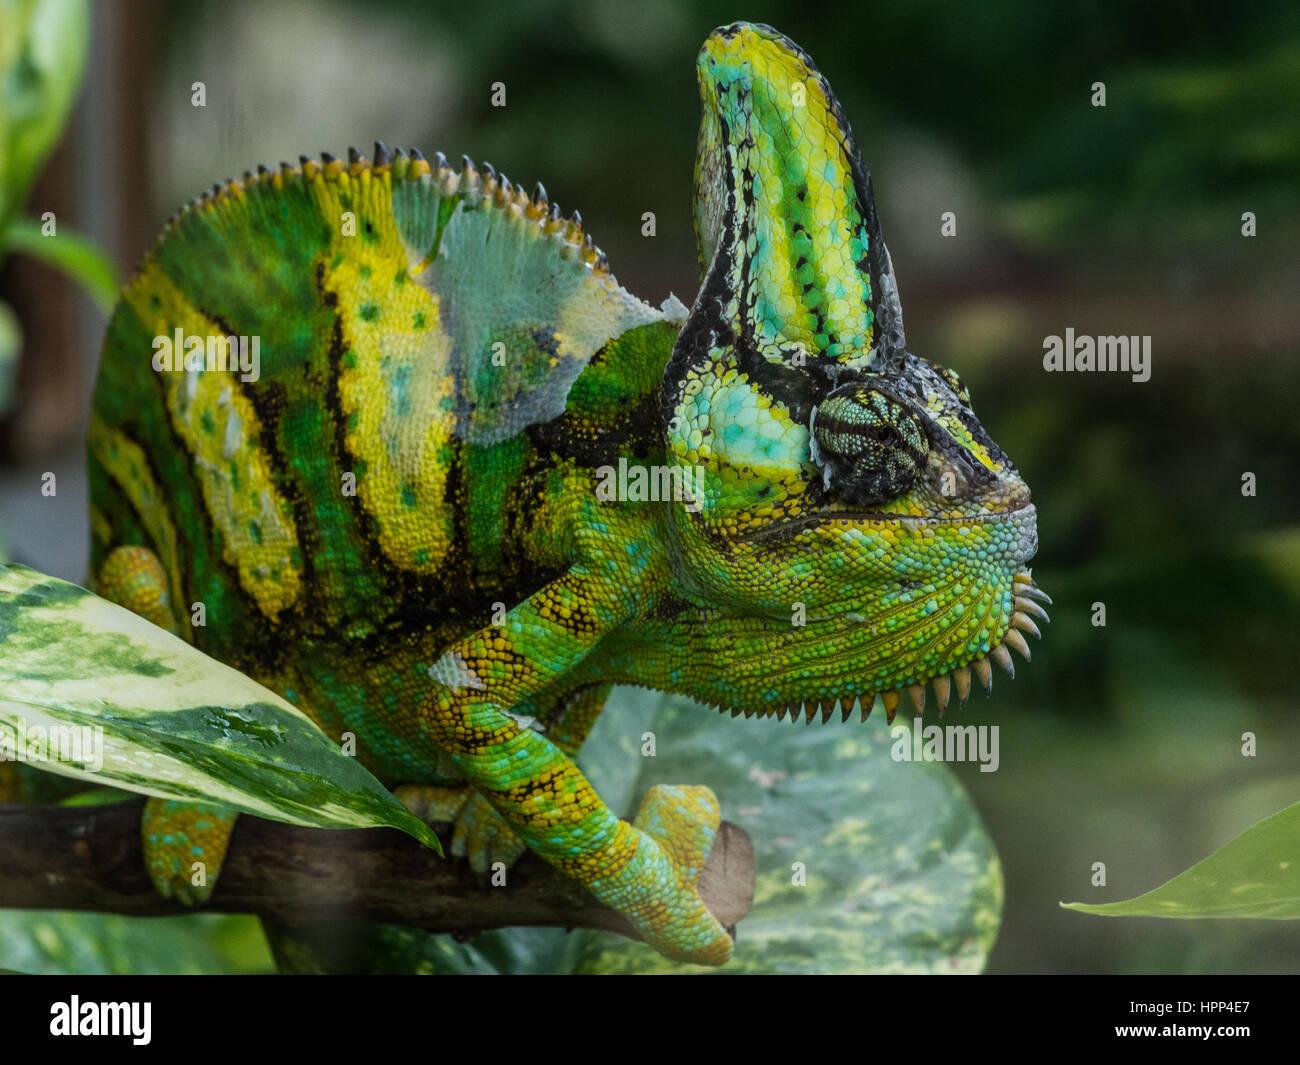 Big chameleon emerge dal verde delle foglie di un albero, ritratto Chameleon lucertola o chamaeleon (Famiglia Chamaeleonidae) Immagini Stock